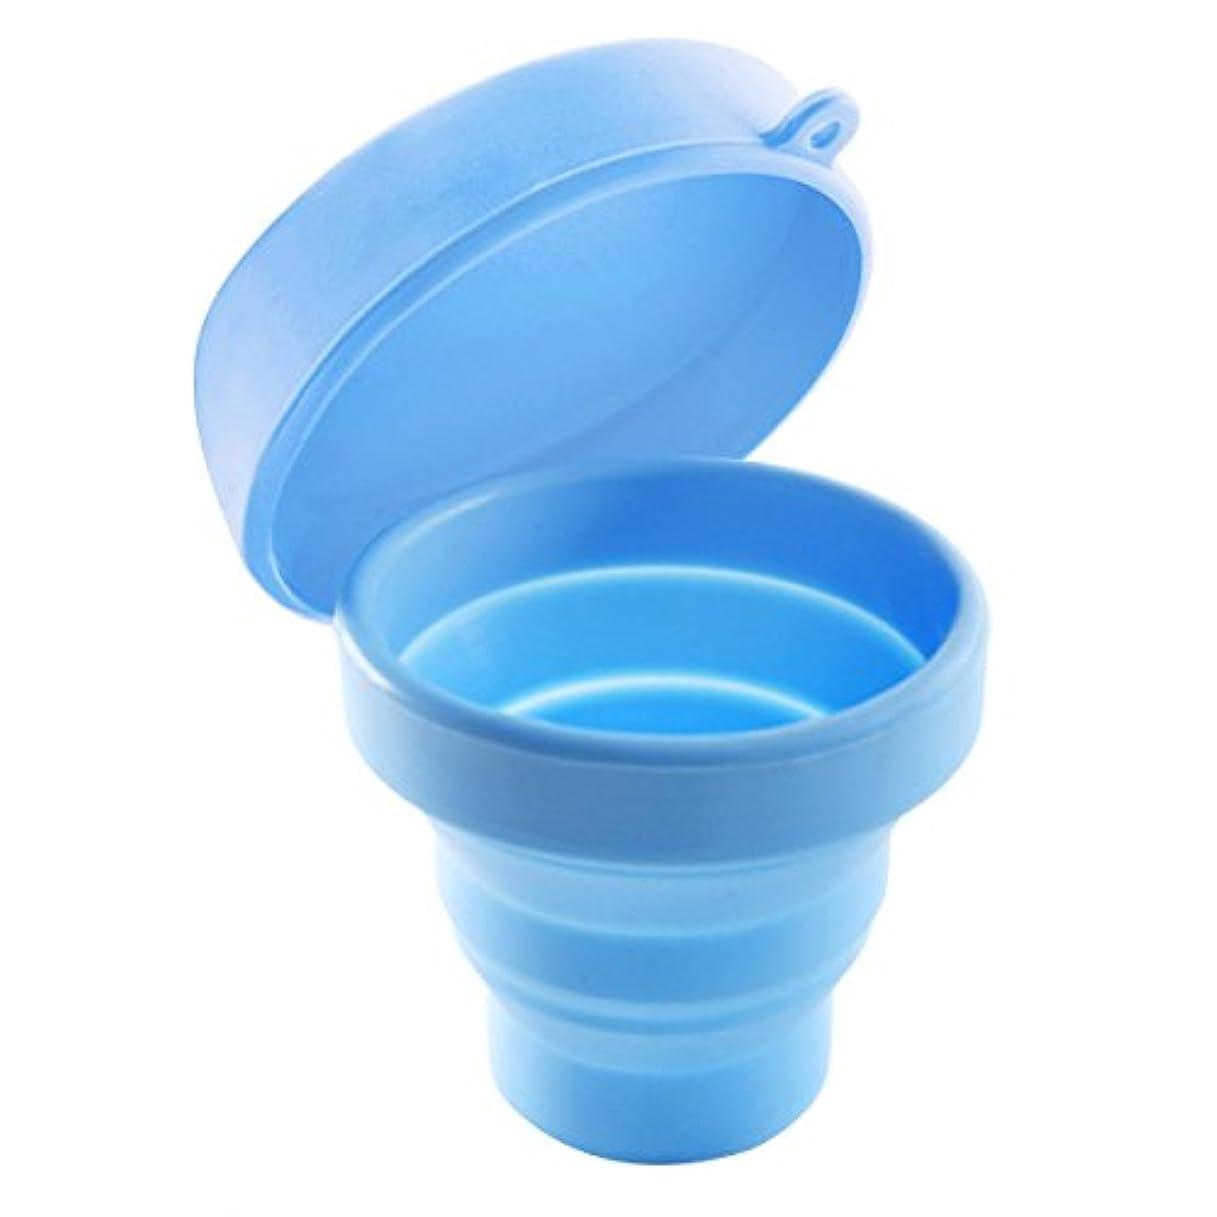 略語パズルレタスROSENICE 折りたたみ式カップ(蓋付き)ポータブルポップアップカップ(キャンプ用)ピクニックハイキングアウトドアアクティビティ(ブルー)